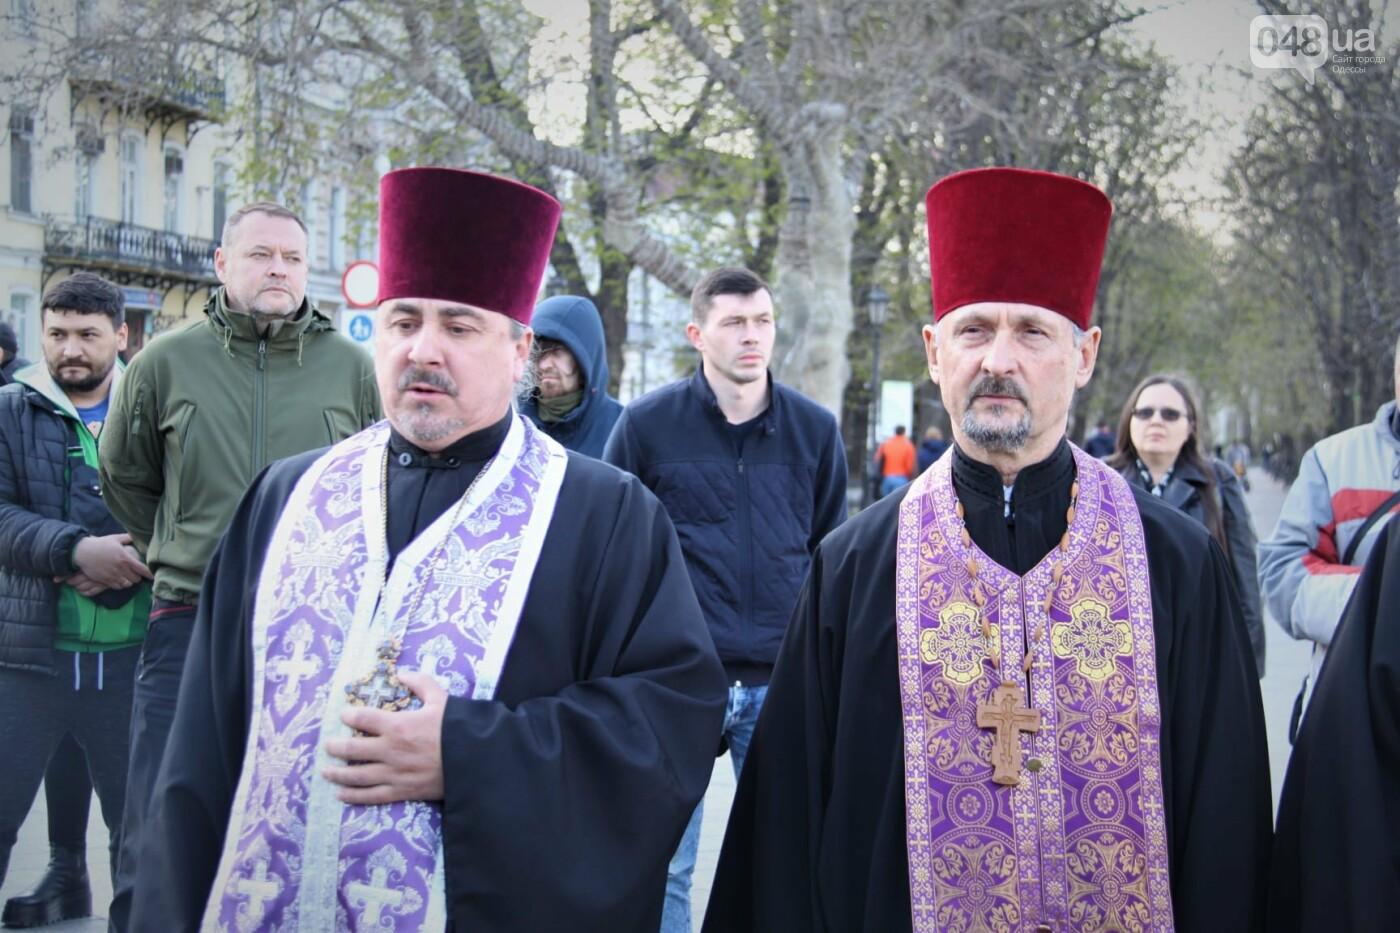 В Одессе молились за мир и прекращение войны в Украине,- ФОТО, фото-5